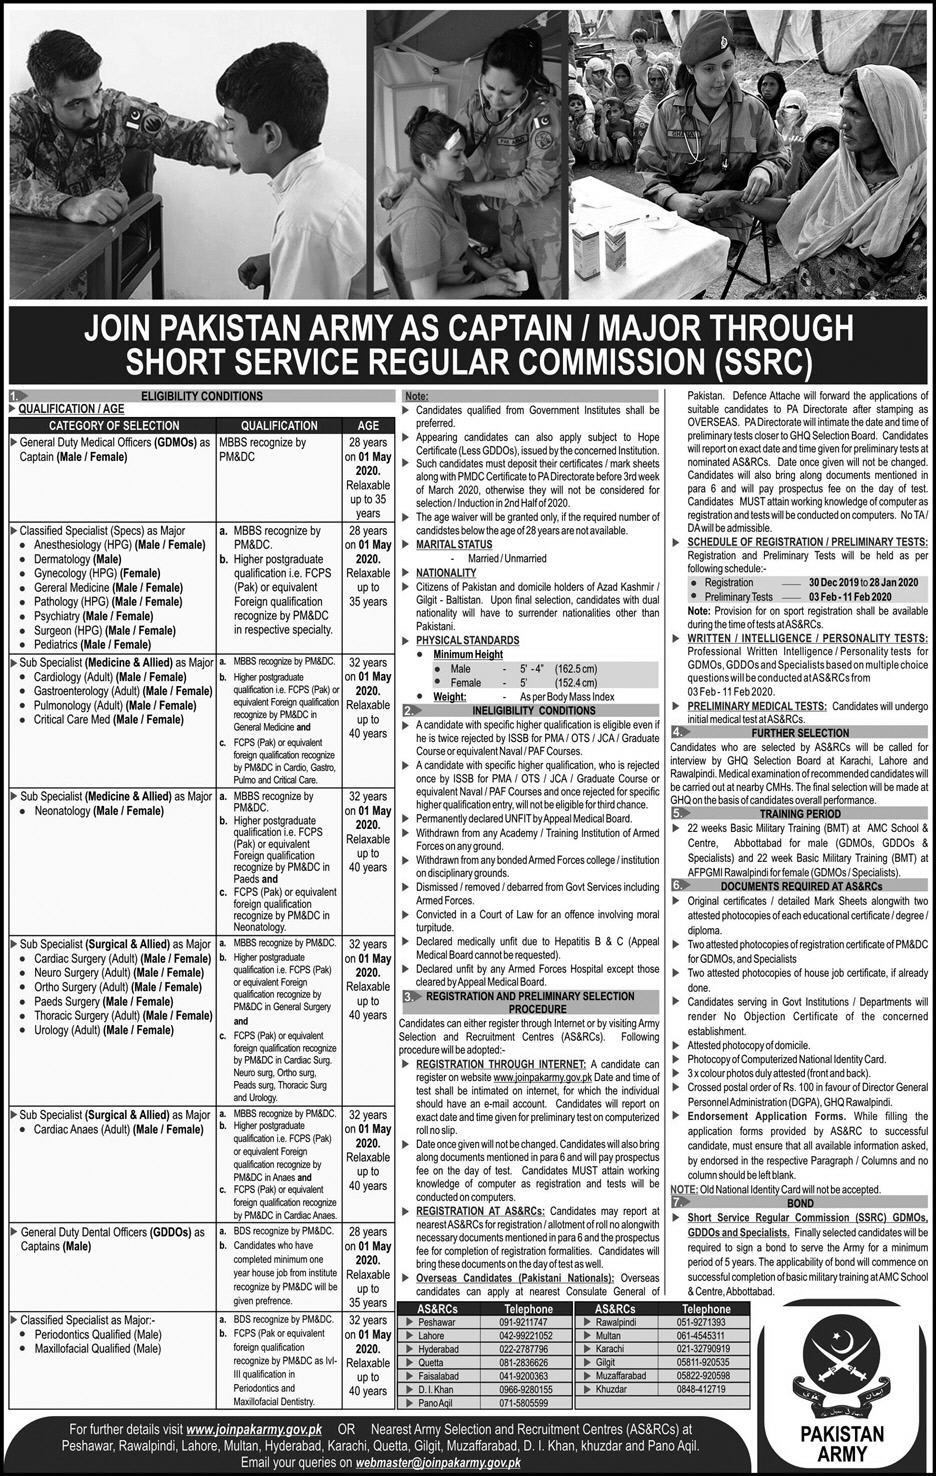 Join Pakistan Army As Captain & Major through SSRC 2020